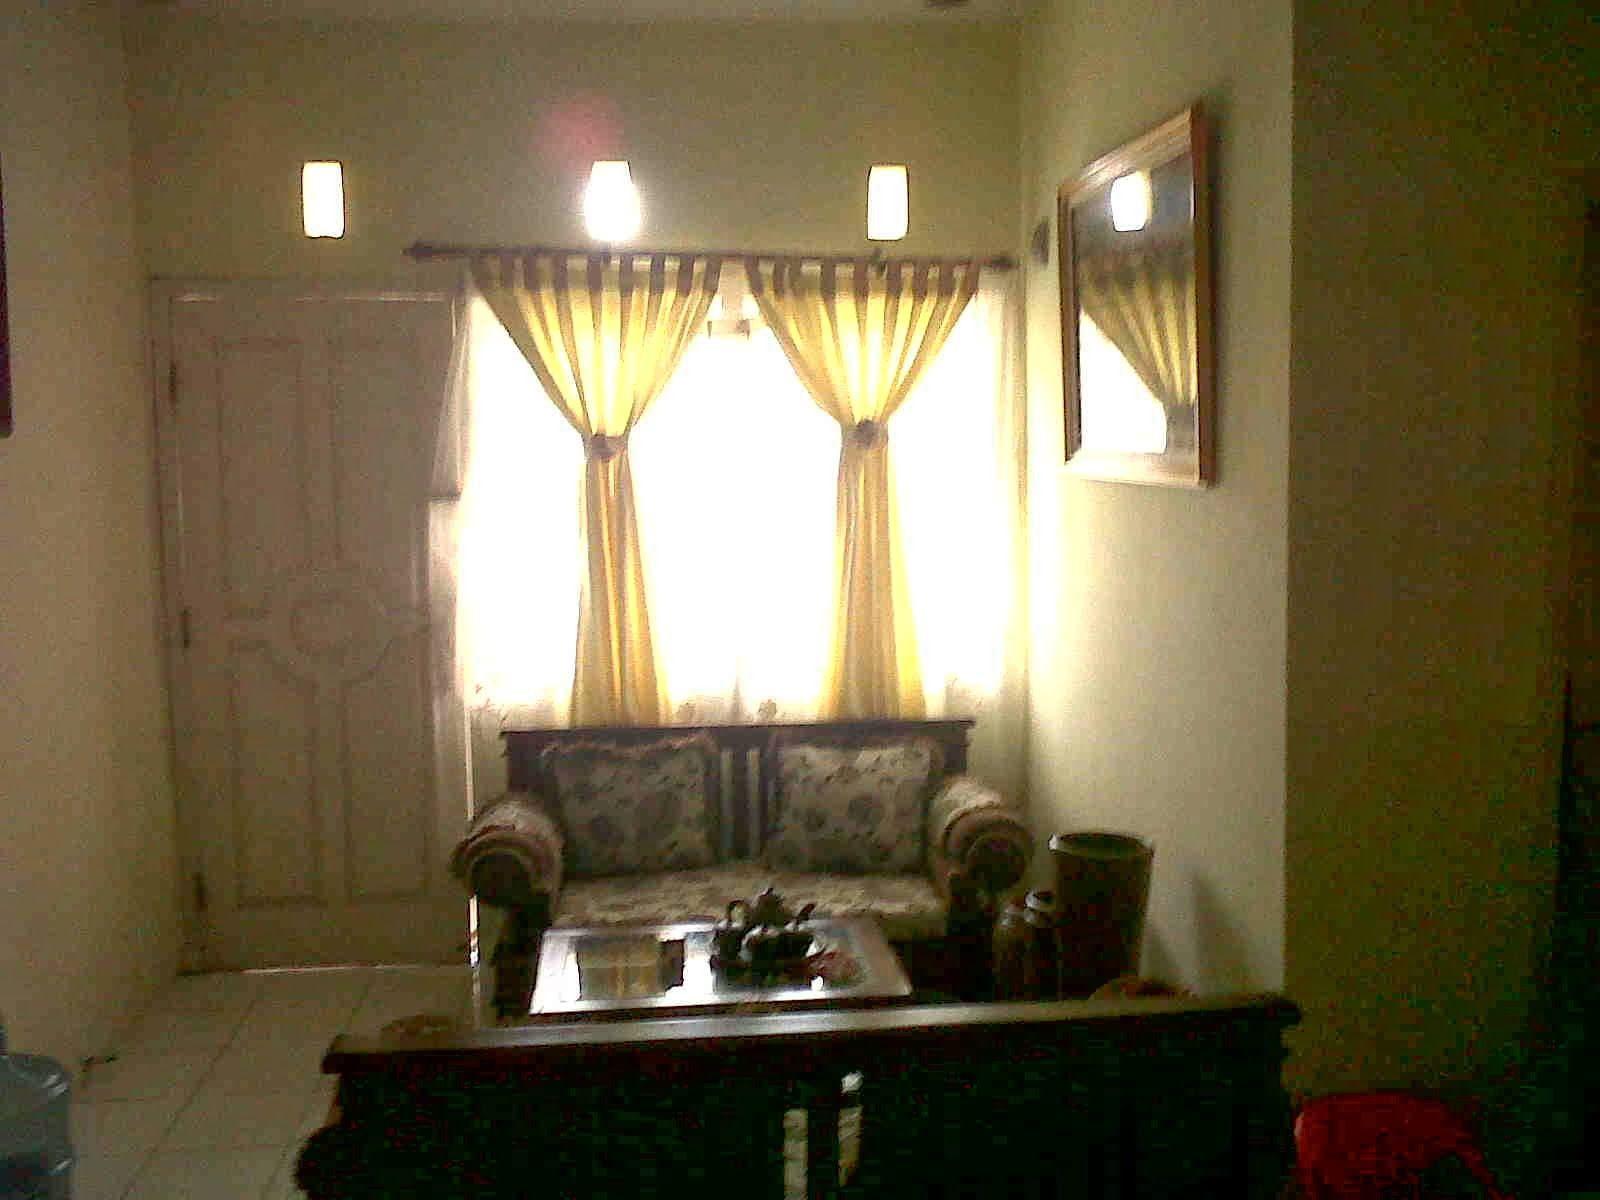 Desain Interior Rumah Type 36 - Rumah Minimalis & Desain Interior Rumah Type 36 - Rumah Minimalis   My Sweet Home ...